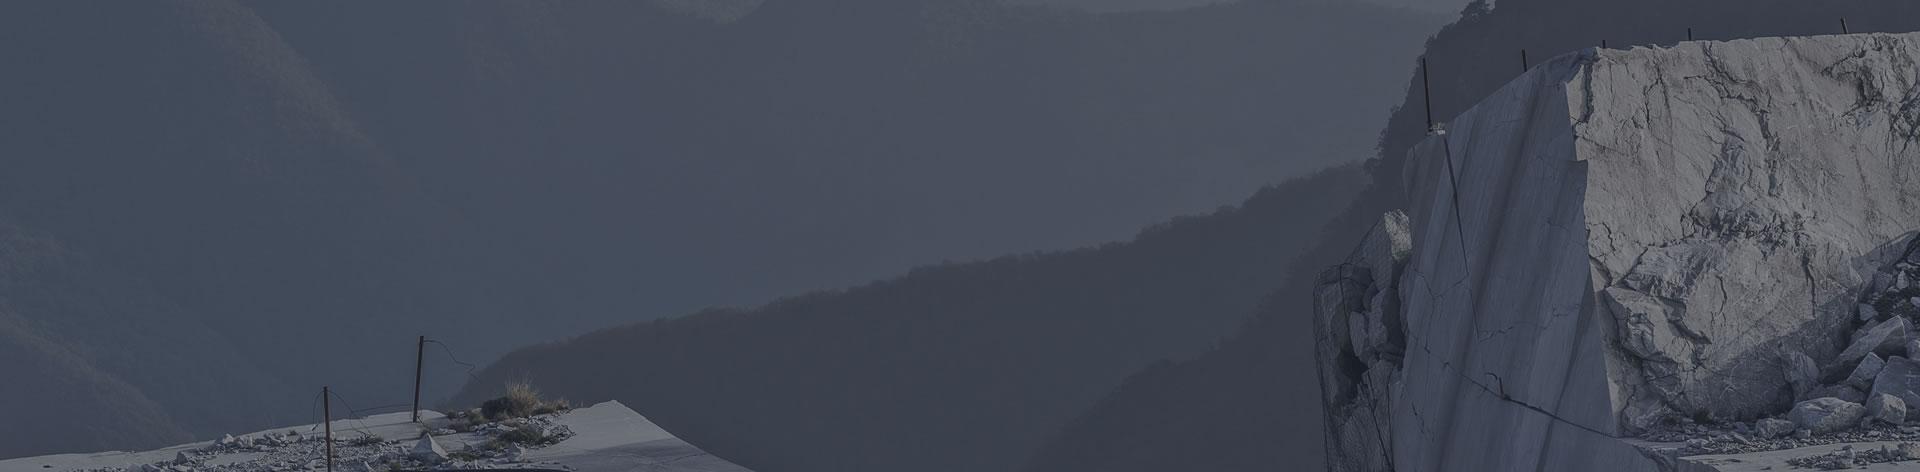 banner_industrial_minerals